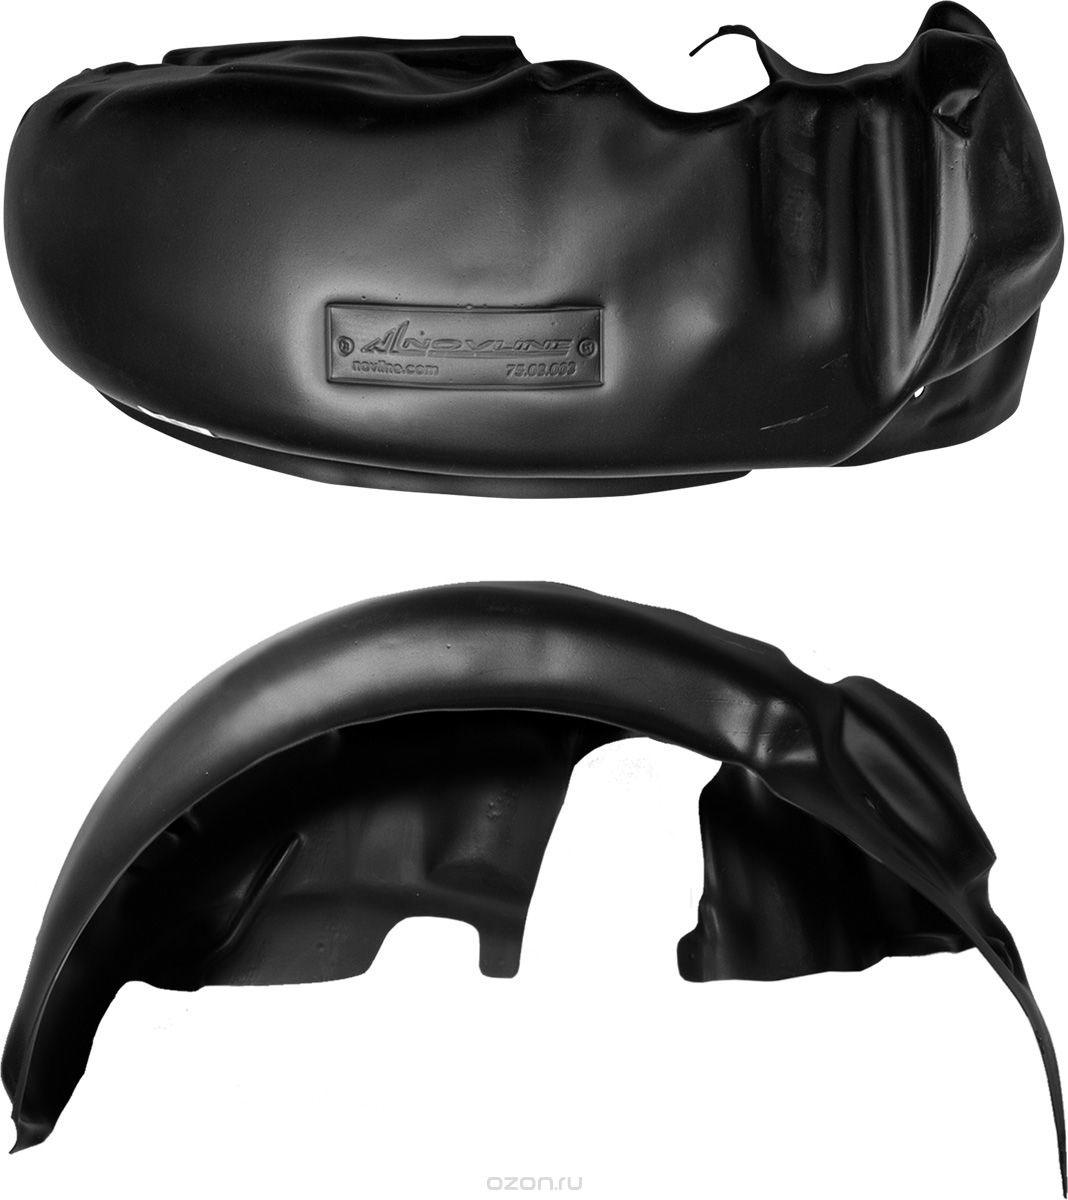 Подкрылок Novline-Autofamily, для FAW Besturn B50, 2012->, передний левыйNLS.36.49.002Идеальная защита колесной ниши. Локеры разработаны с применением цифровых технологий, гарантируют максимальную повторяемость поверхности арки. Изделия устанавливаются без нарушения лакокрасочного покрытия автомобиля, каждый подкрылок комплектуется крепежом. Уважаемые клиенты, обращаем ваше внимание, что фотографии на подкрылки универсальные и не отражают реальную форму изделия. При этом само изделие идет точно под размер указанного автомобиля.